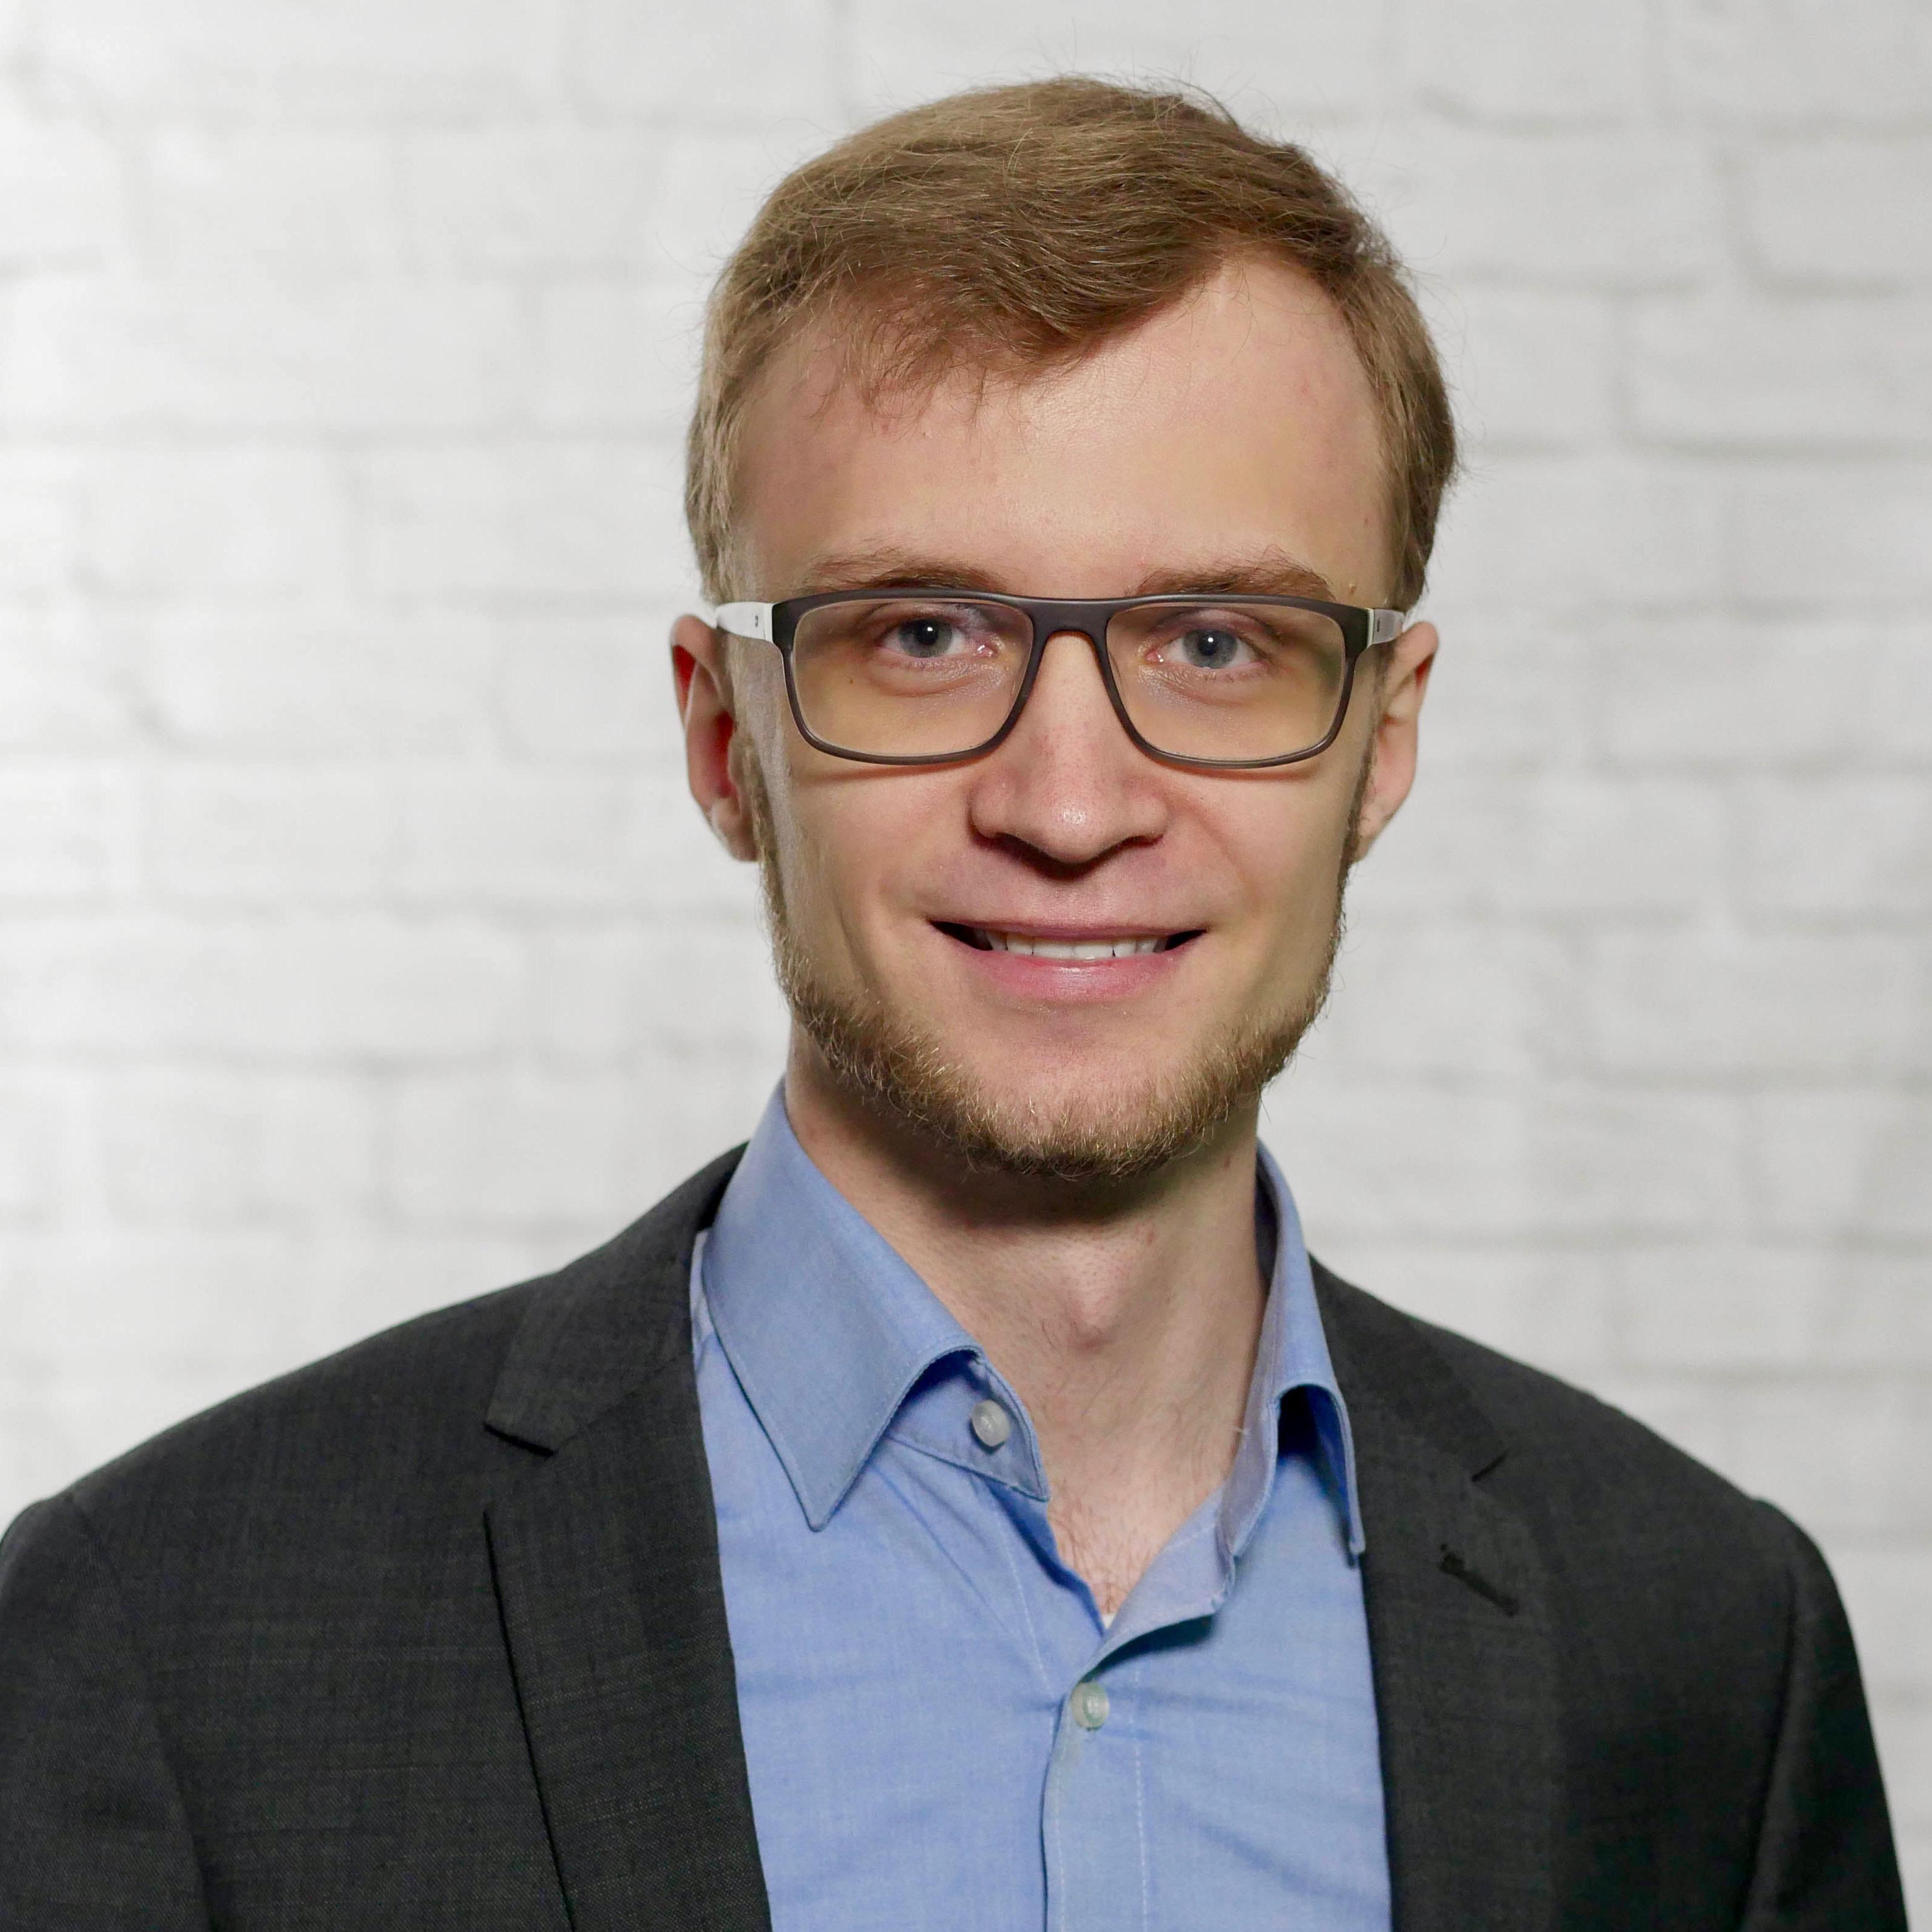 Alexander Gernert